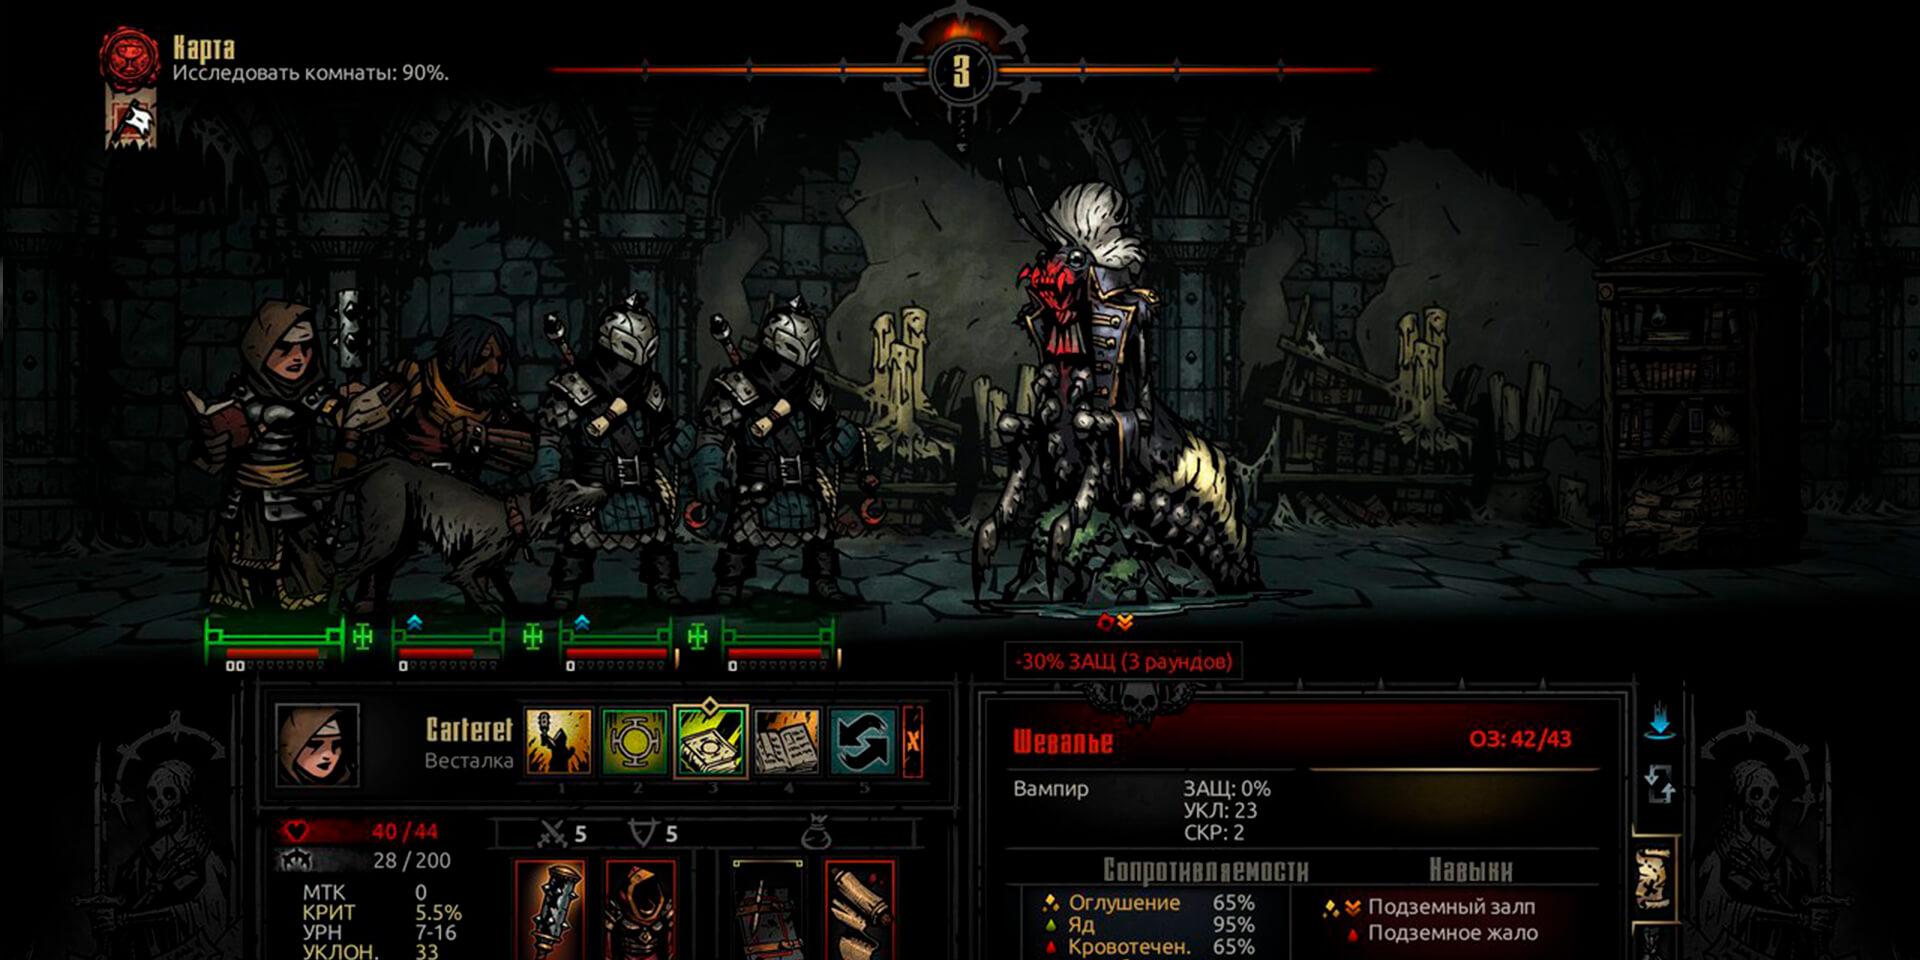 FHWL Darkest Dungeon mark2